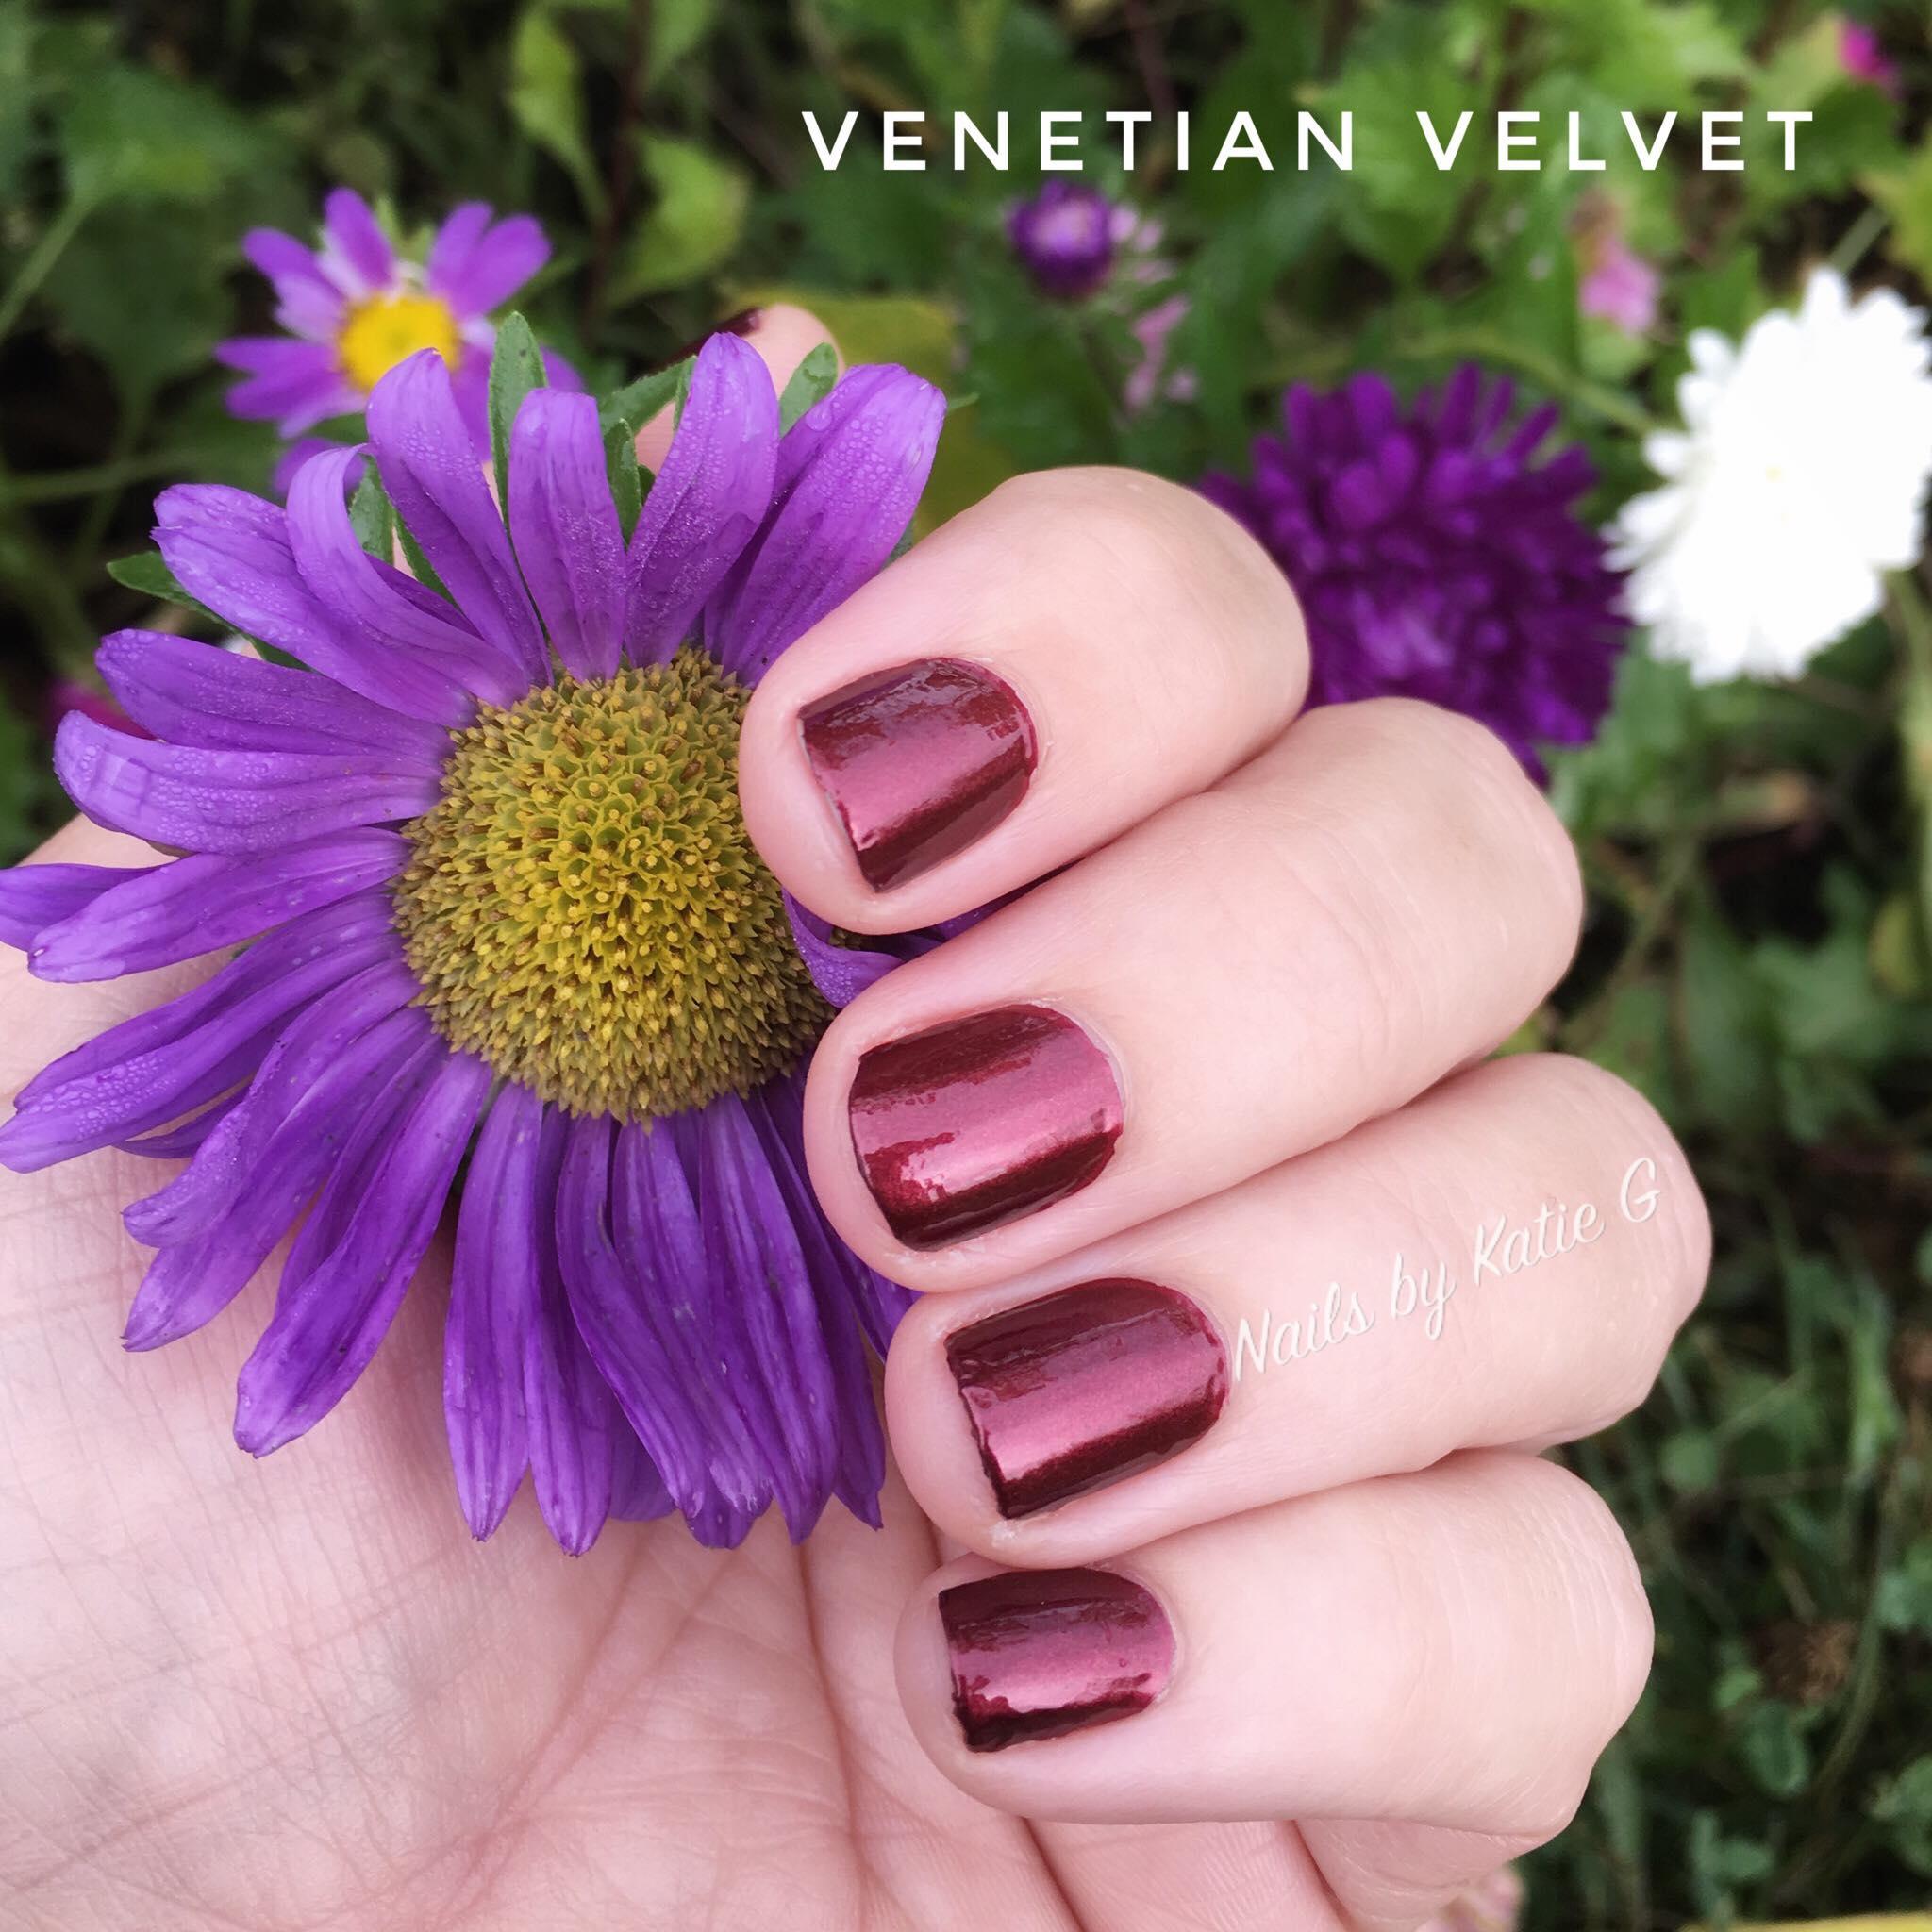 Venitian Velvet -